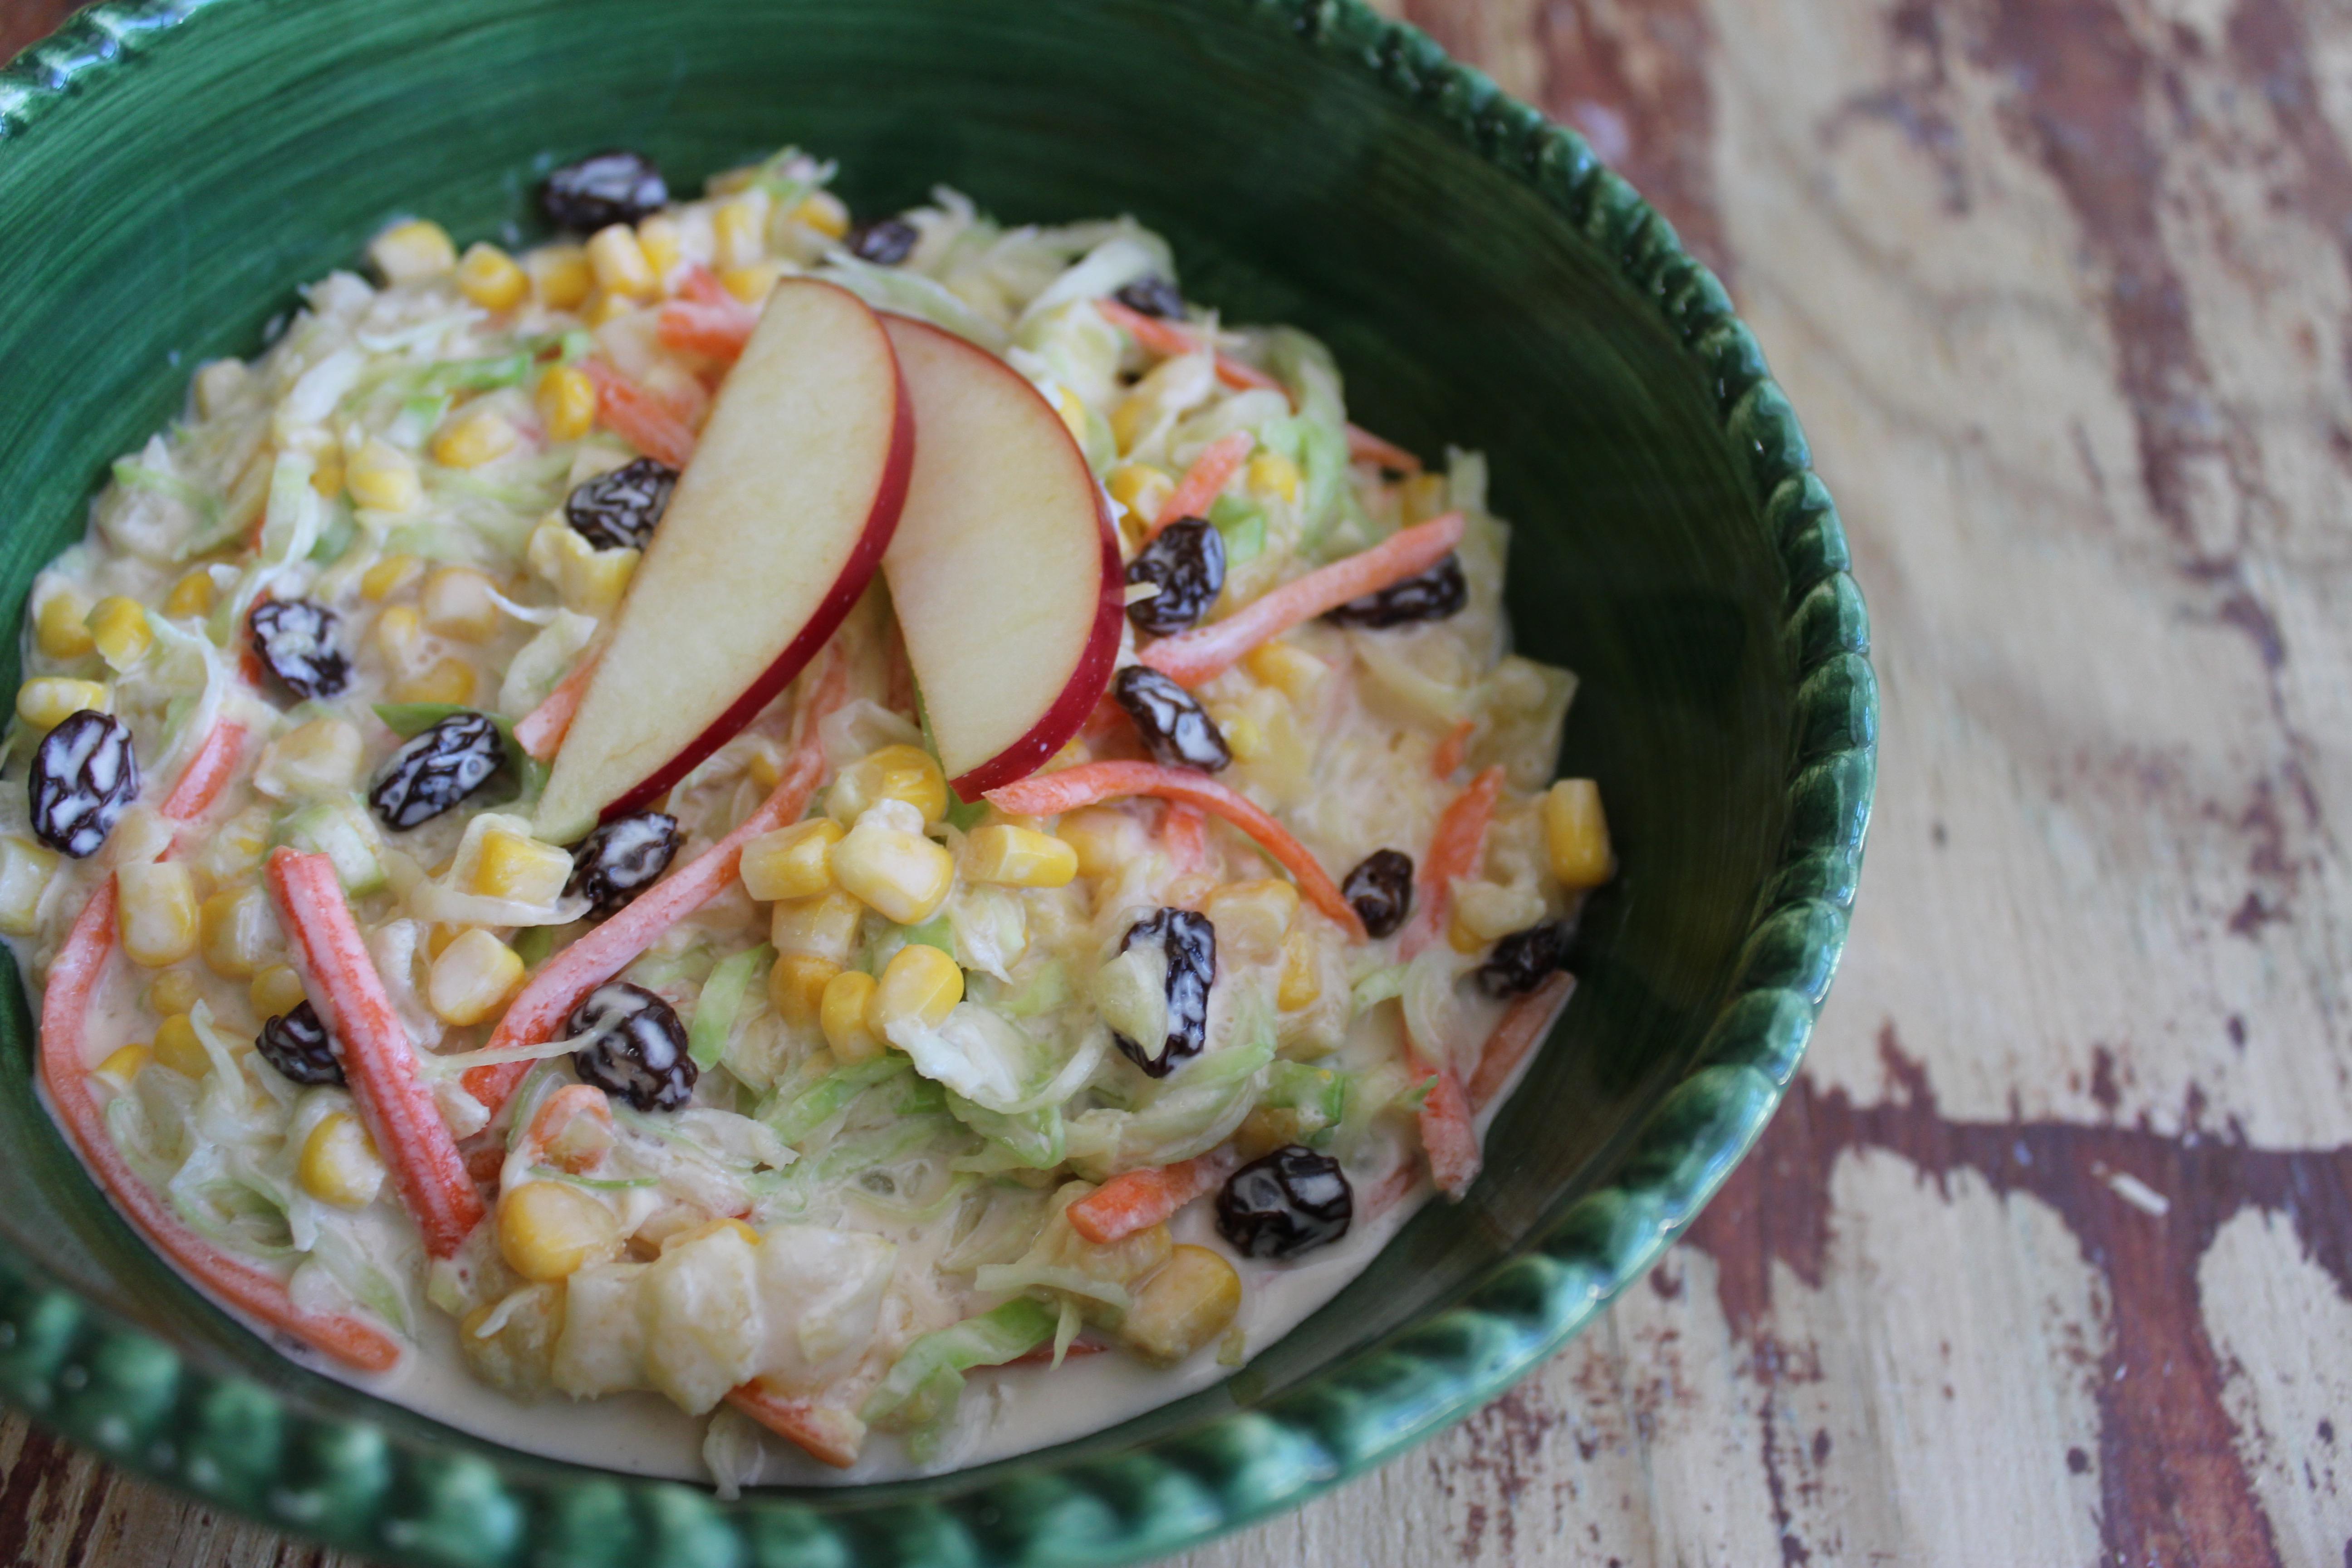 Receta Ensalada De Repollo Pina Y Pasas Si a estos dos grandes alimentos le sumamos una fruta especial como la piña, tendremos todas las claves para crear una ensalada fresca y sorprendente. receta ensalada de repollo pina y pasas